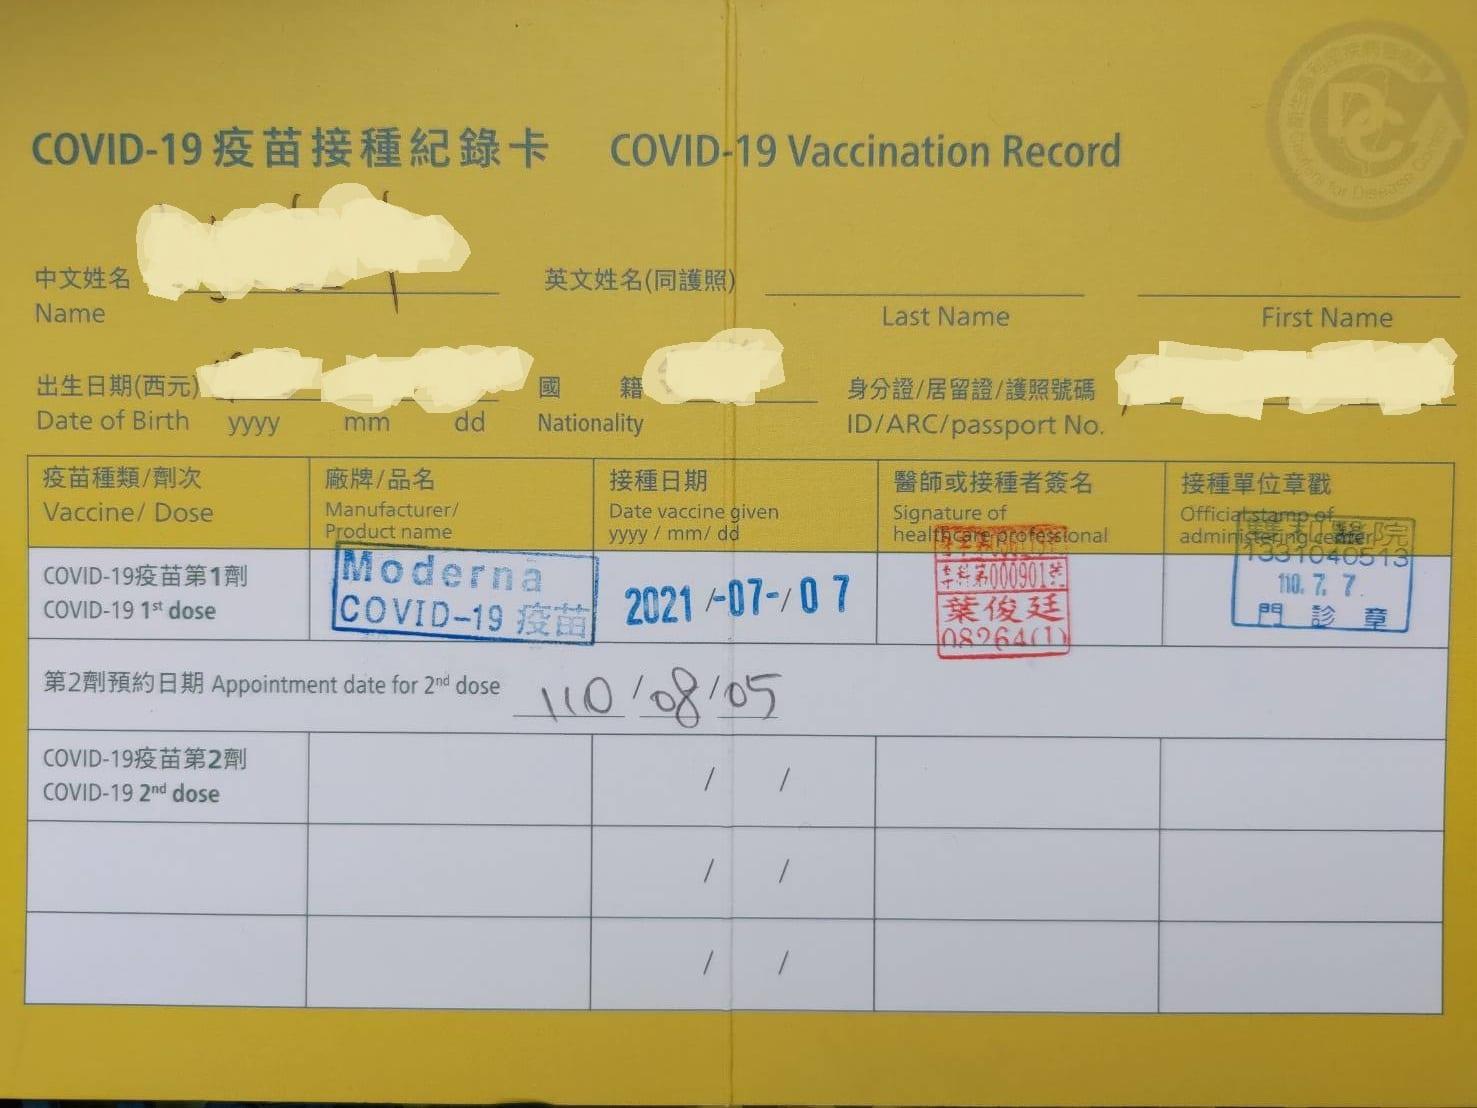 寶貝車司機COVID-19疫苗接種計畫